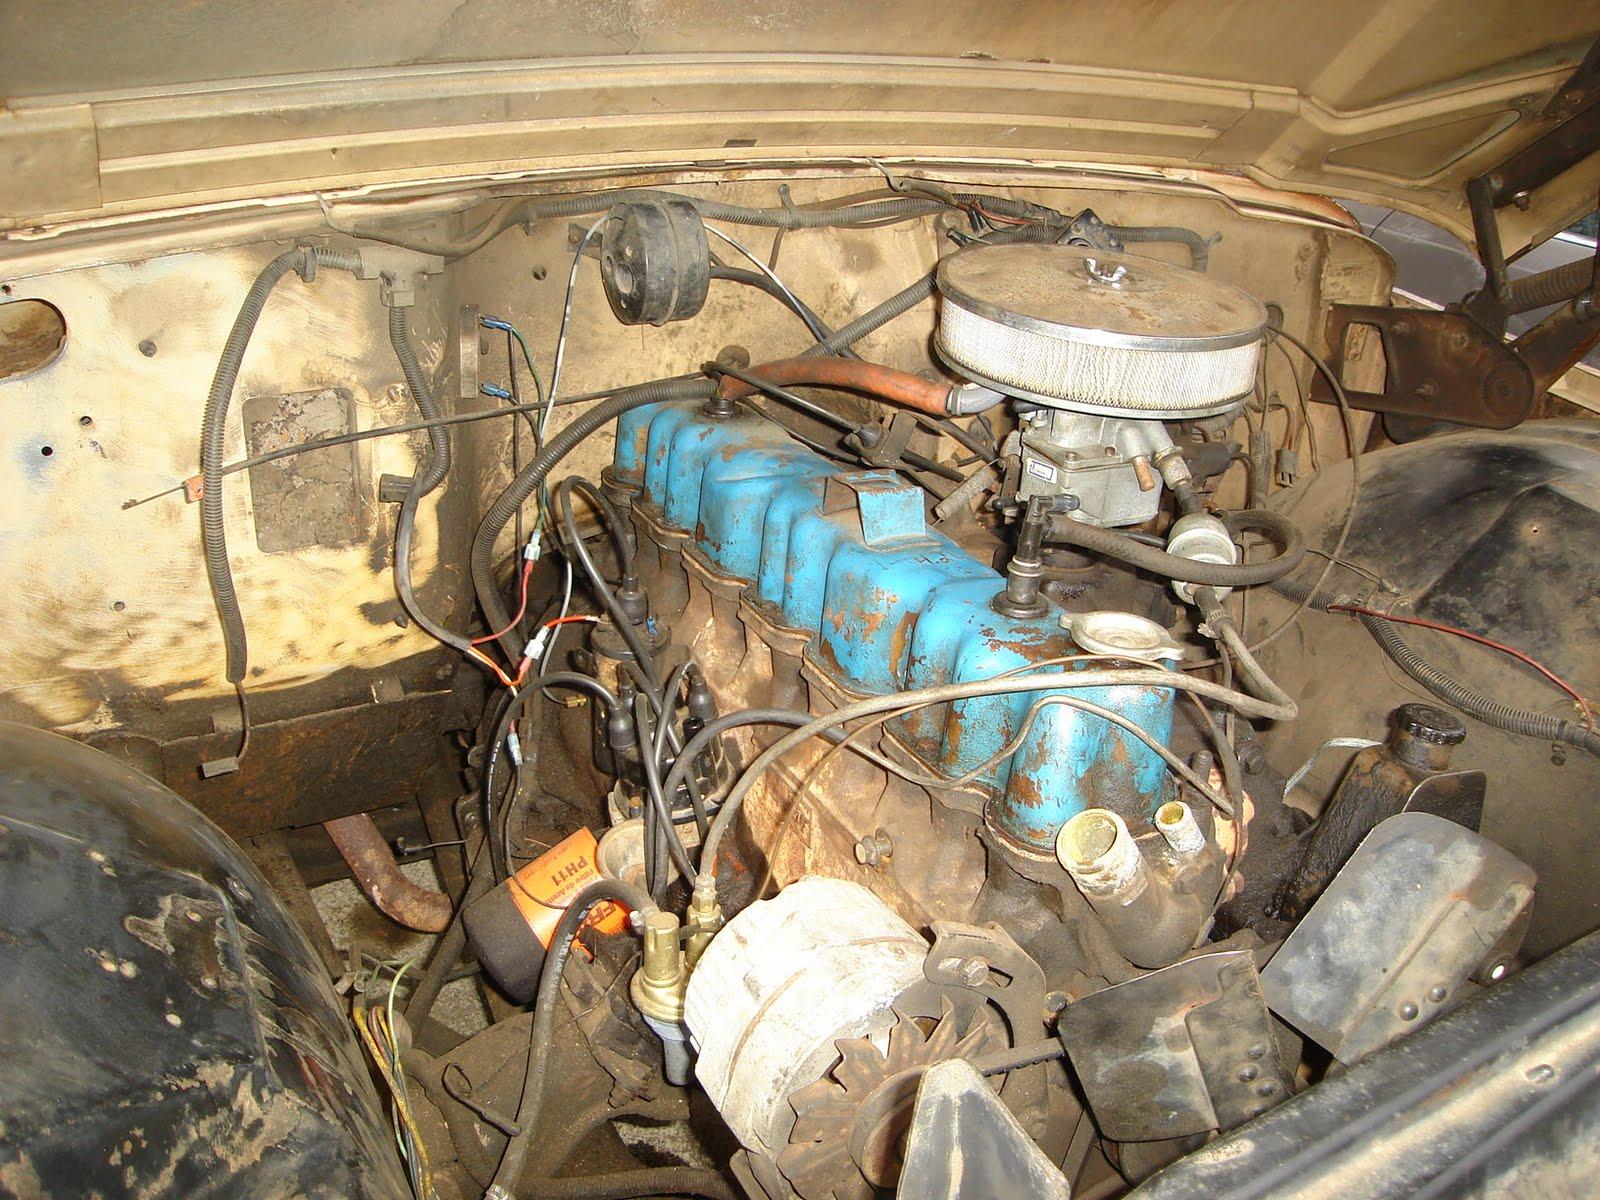 DSC05268 Jeep Cj Engine Wiring on jeep cj7 gauges, jeep cj7 front axle, jeep cj7 fan shroud, jeep cj7 diesel, jeep cj7 fender, jeep cj7 bumper, jeep cj7 hood, jeep cj7 door glass, jeep cj7 fuse box, jeep cj7 transfer case, jeep cj7 steering, jeep cj7 suspension, geo tracker engine wiring, jeep cj7 tachometer, jeep cj7 seat belts, jeep cj7 carburetor, jeep cj7 manual transmission, jeep cj7 fuel filter, jeep cj7 exhaust, jeep cj7 fuel tank,